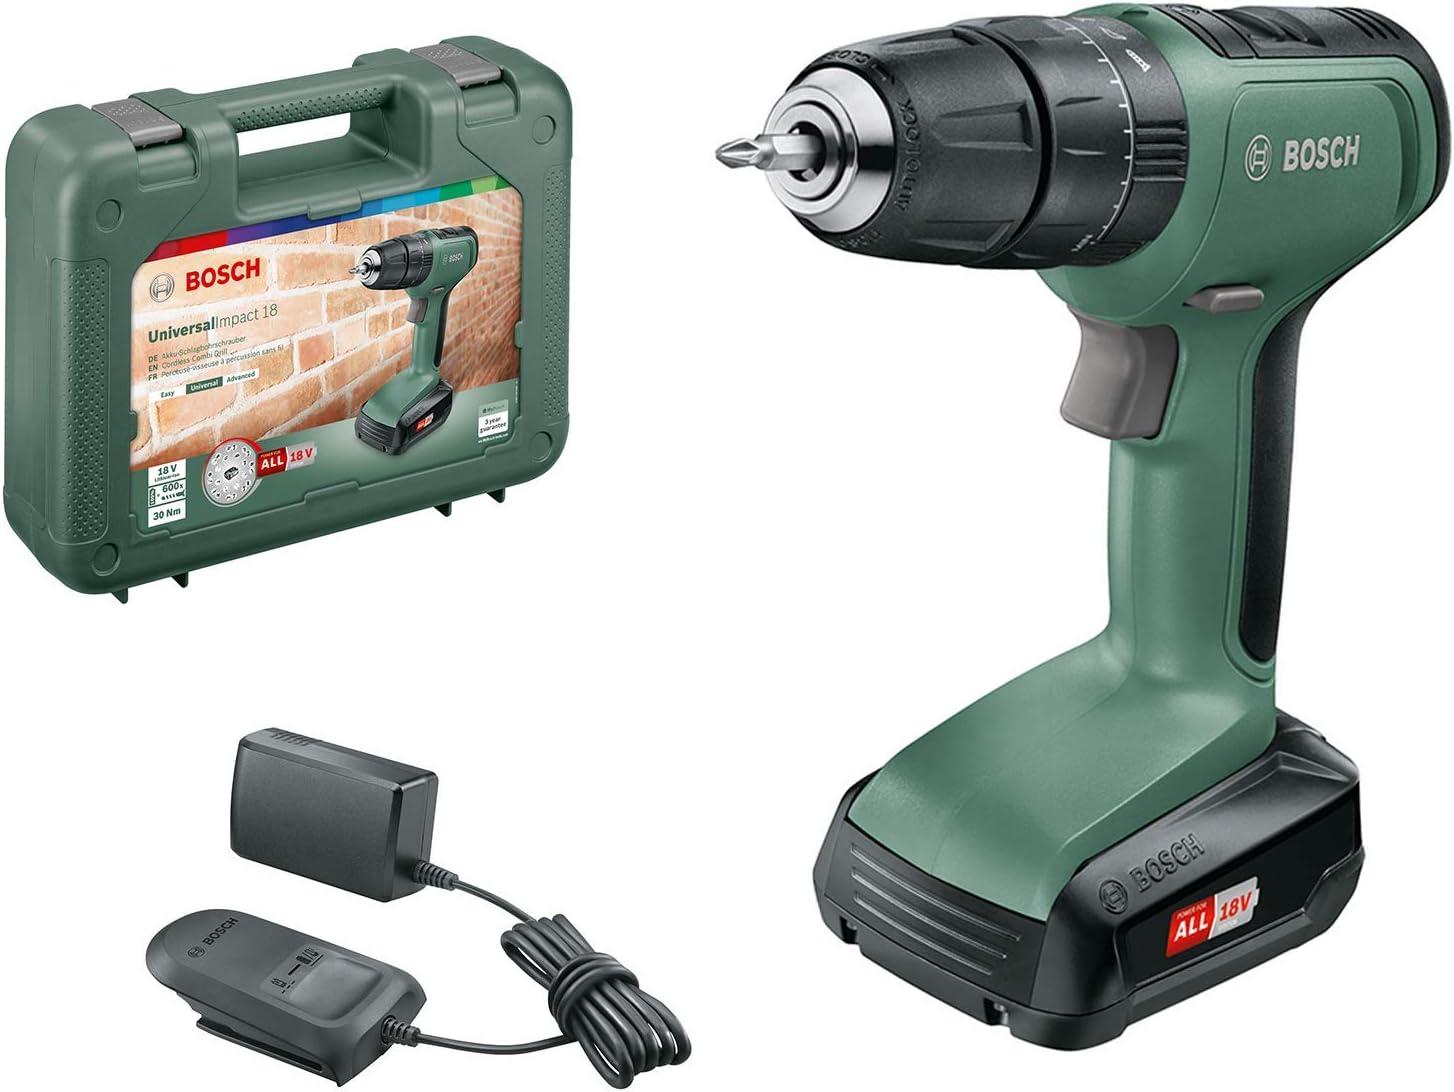 Bosch UniversalImpact 18 - Taladro, 1 Batería, Sistema de 18 V, en Maletín: Amazon.es: Bricolaje y herramientas